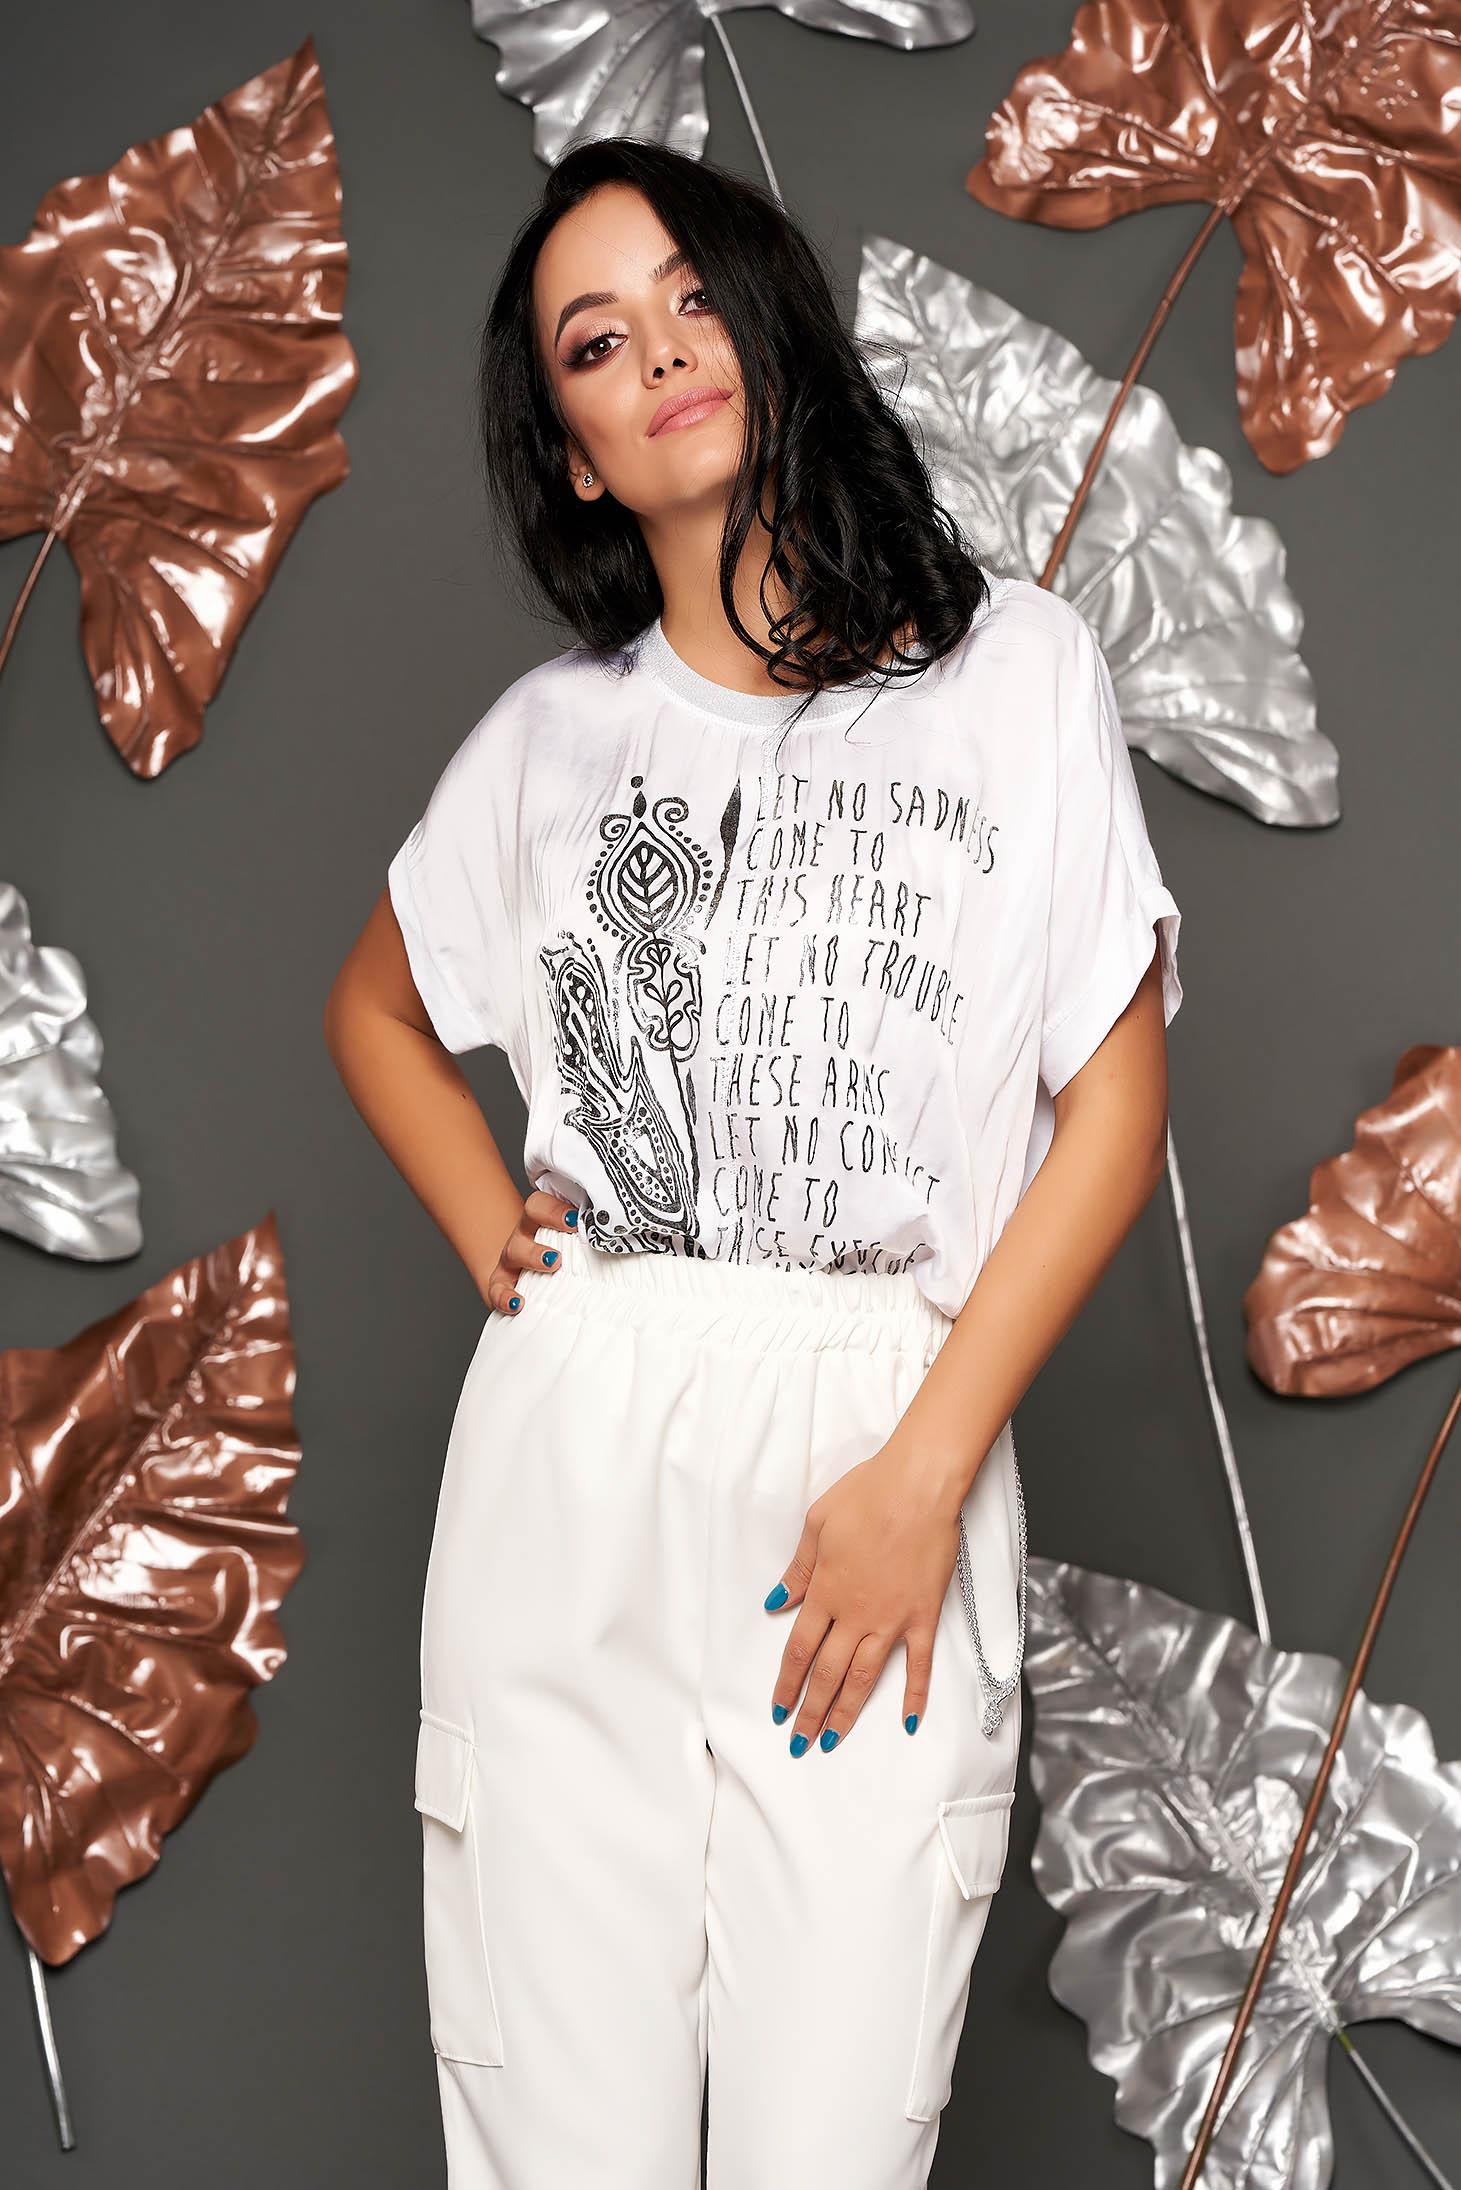 Tricou alb lung cu croi larg cu maneca scurta din material usor transparent